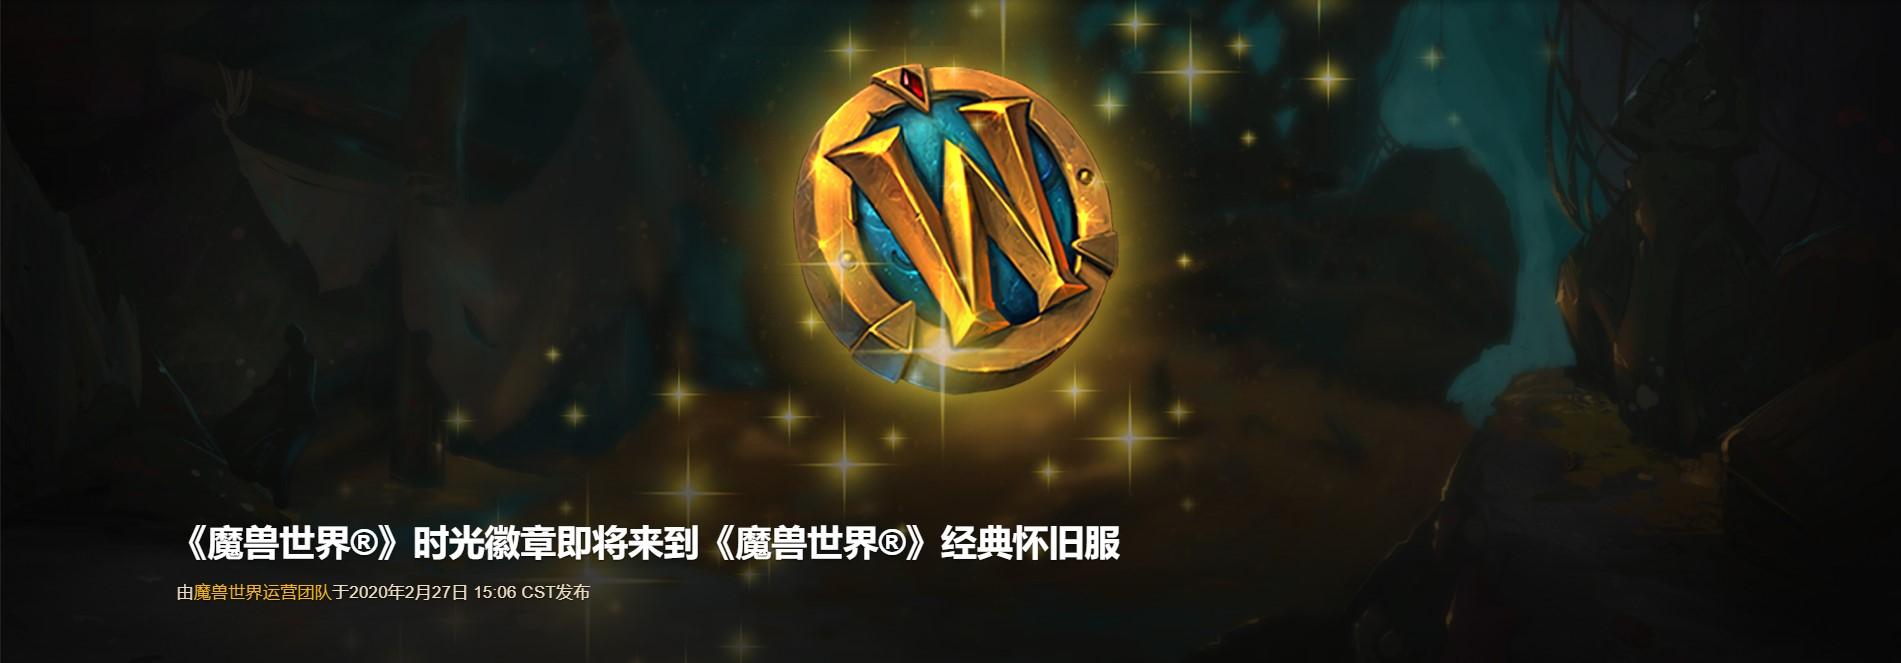 时光徽章将加入《魔兽世界》怀旧服 用游戏时间换金币